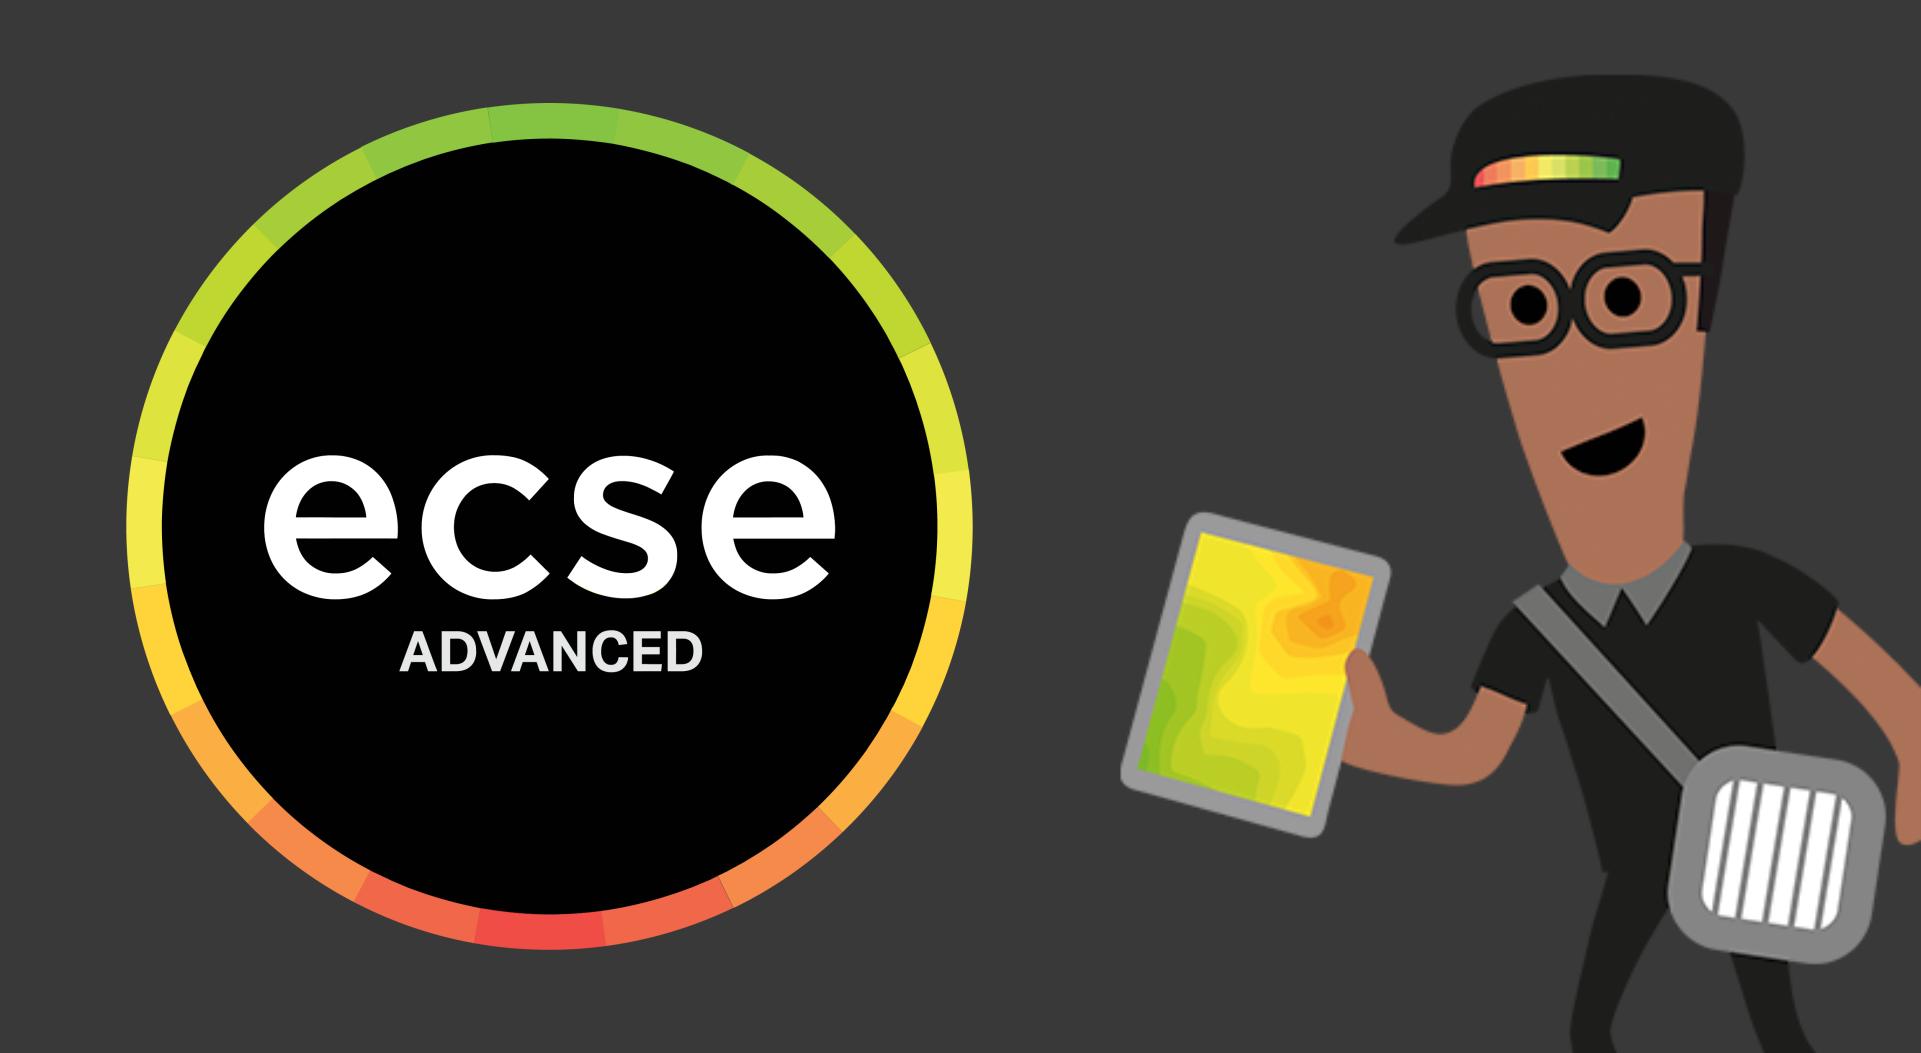 ecse-advanced